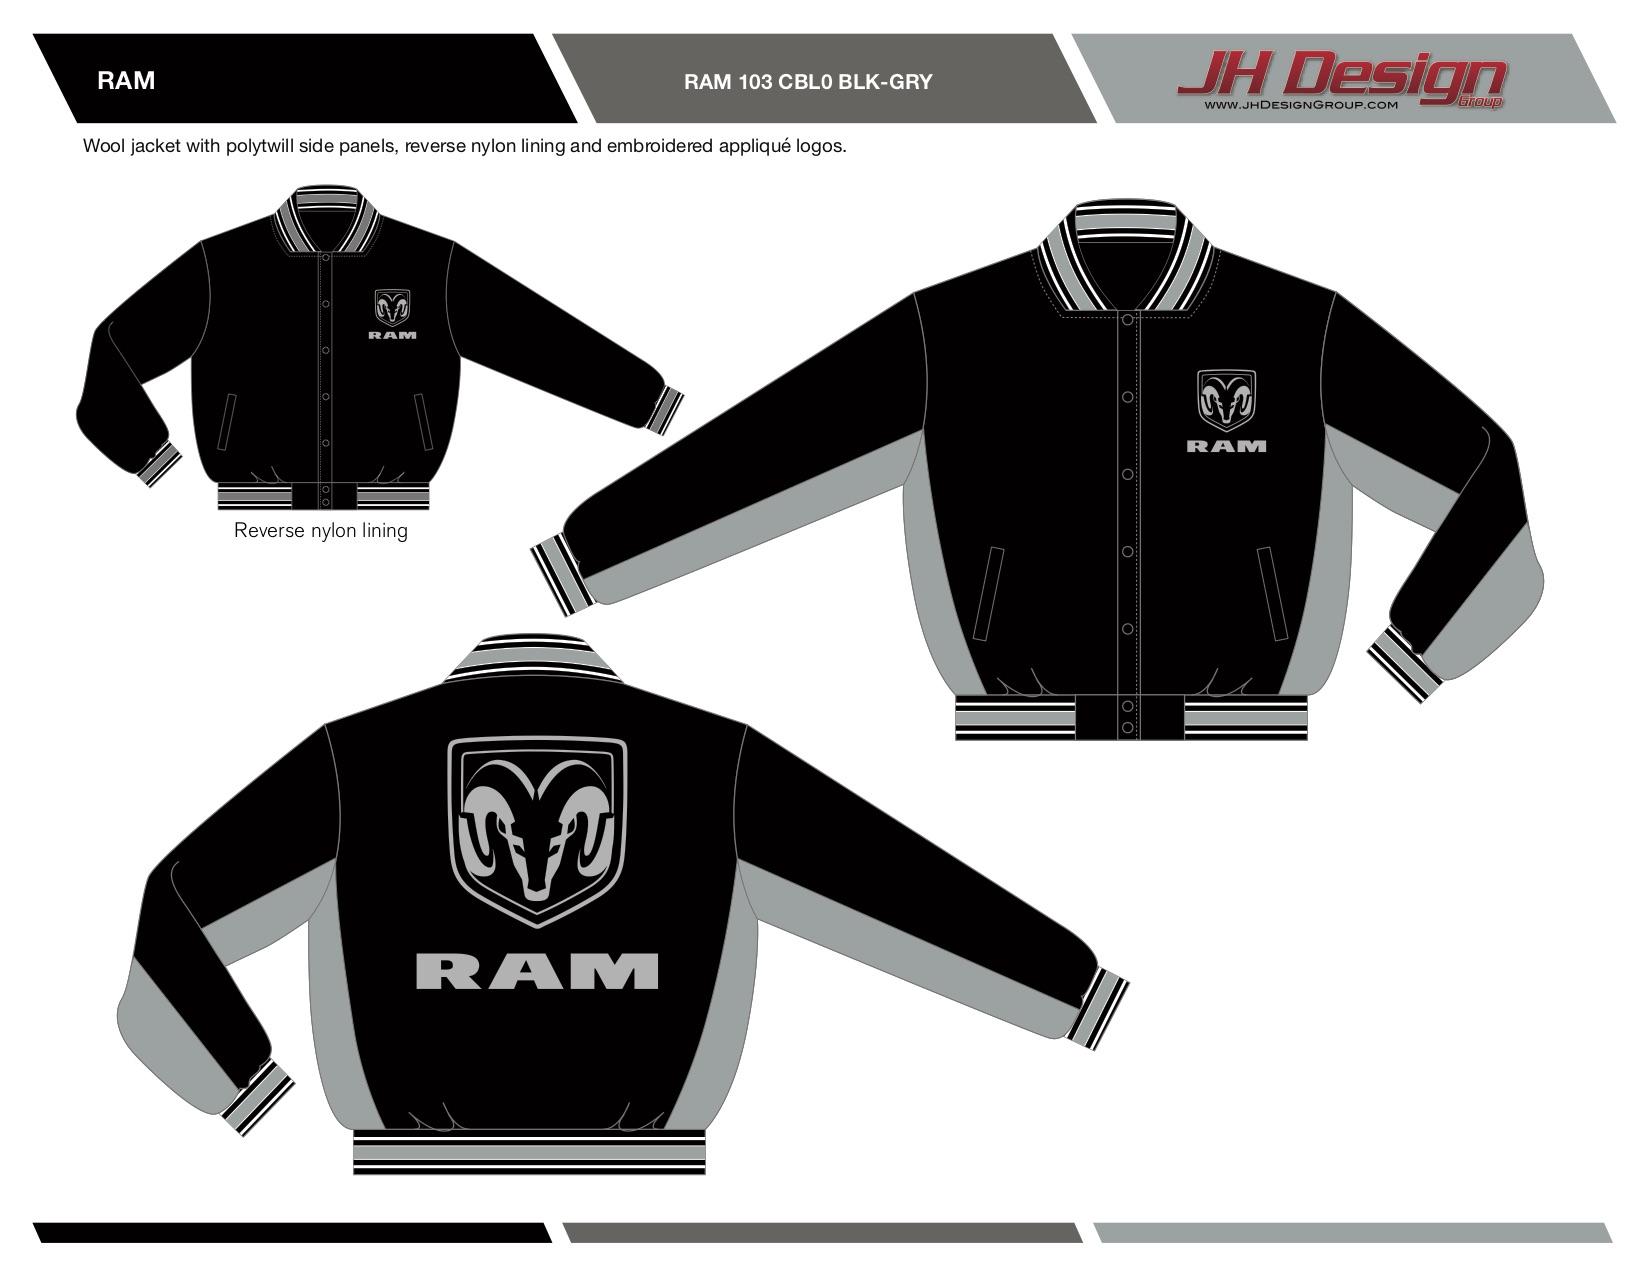 RAM 103 CBL0 BLK-GRY